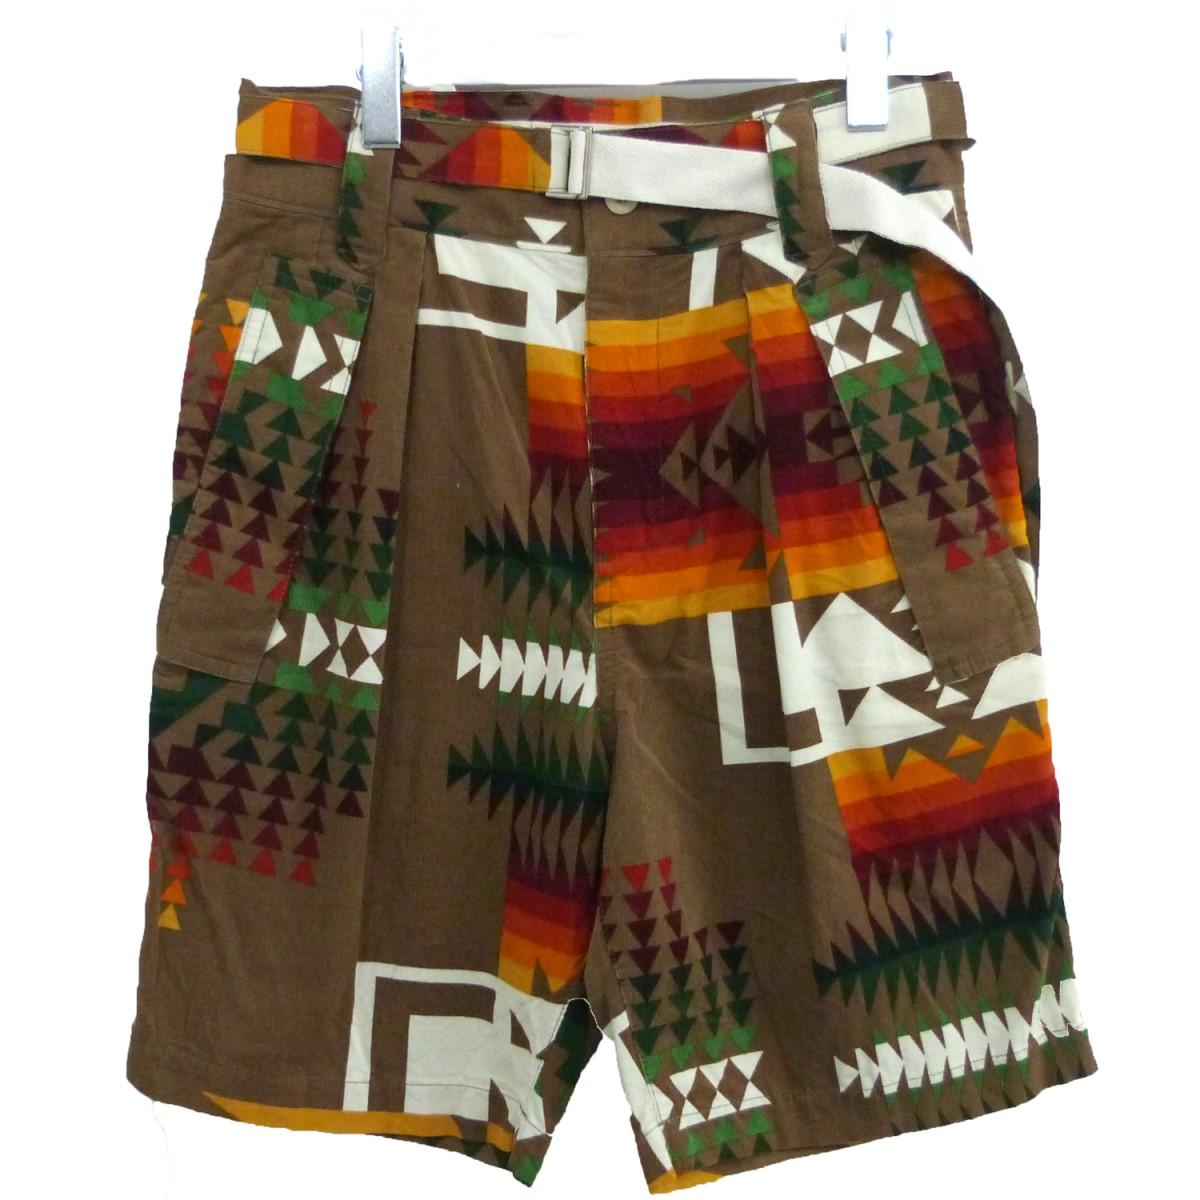 【中古】sacai×PENDLETON 「Print Shorts」ネイティブショーツ ハーフパンツ ブラウン サイズ:1 【200720】(サカイ ペンドルトン)